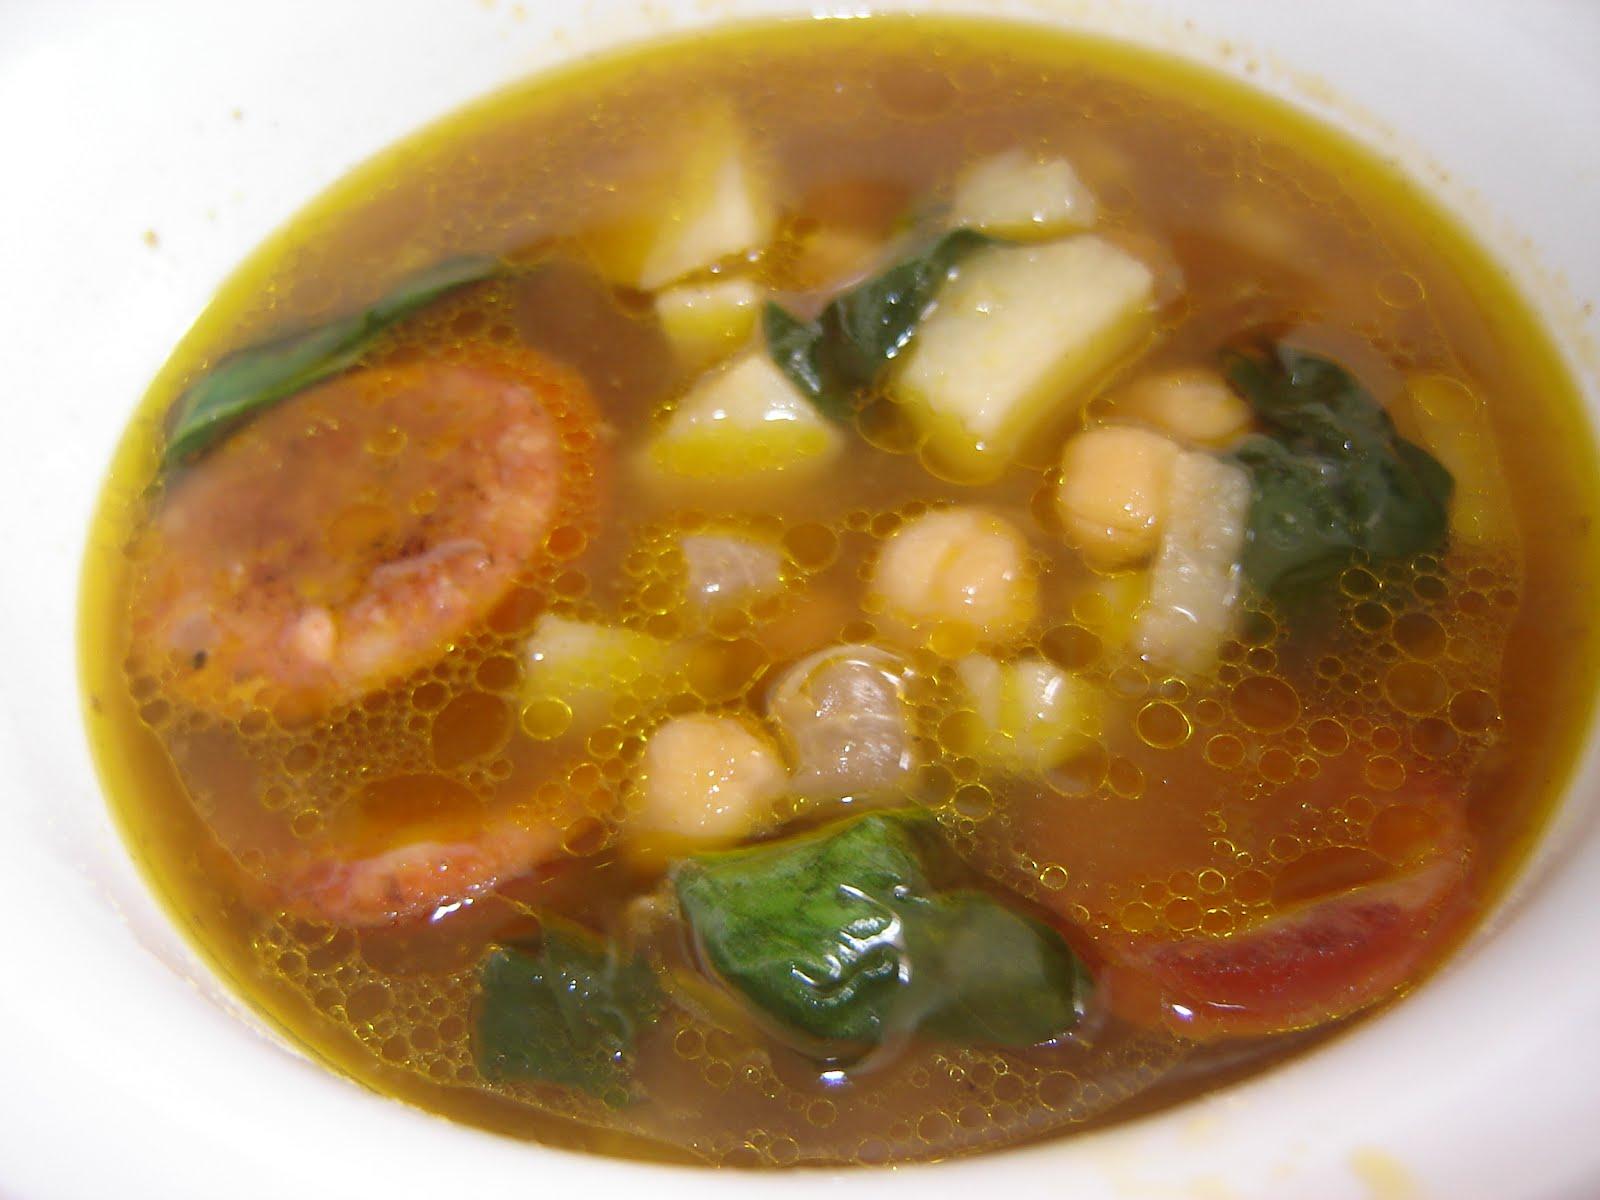 eatamarthacupcake: Eastern European Chickpea Soup